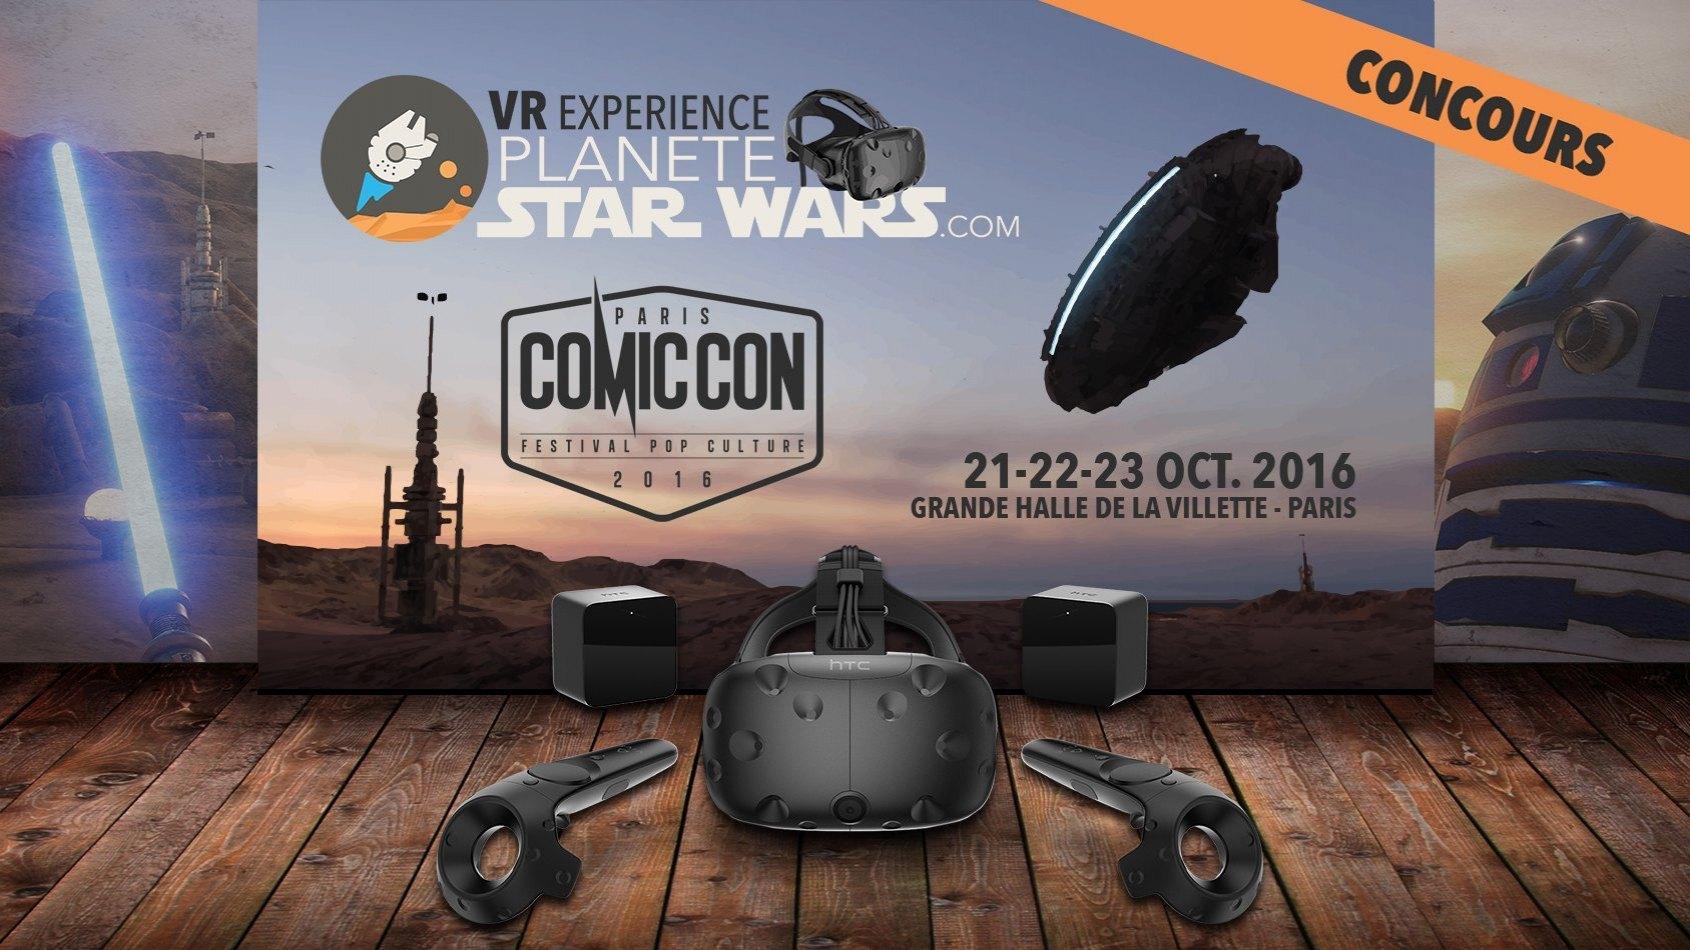 Planète Star Wars VR Experience - Immergez-vous au Comic Con Paris !